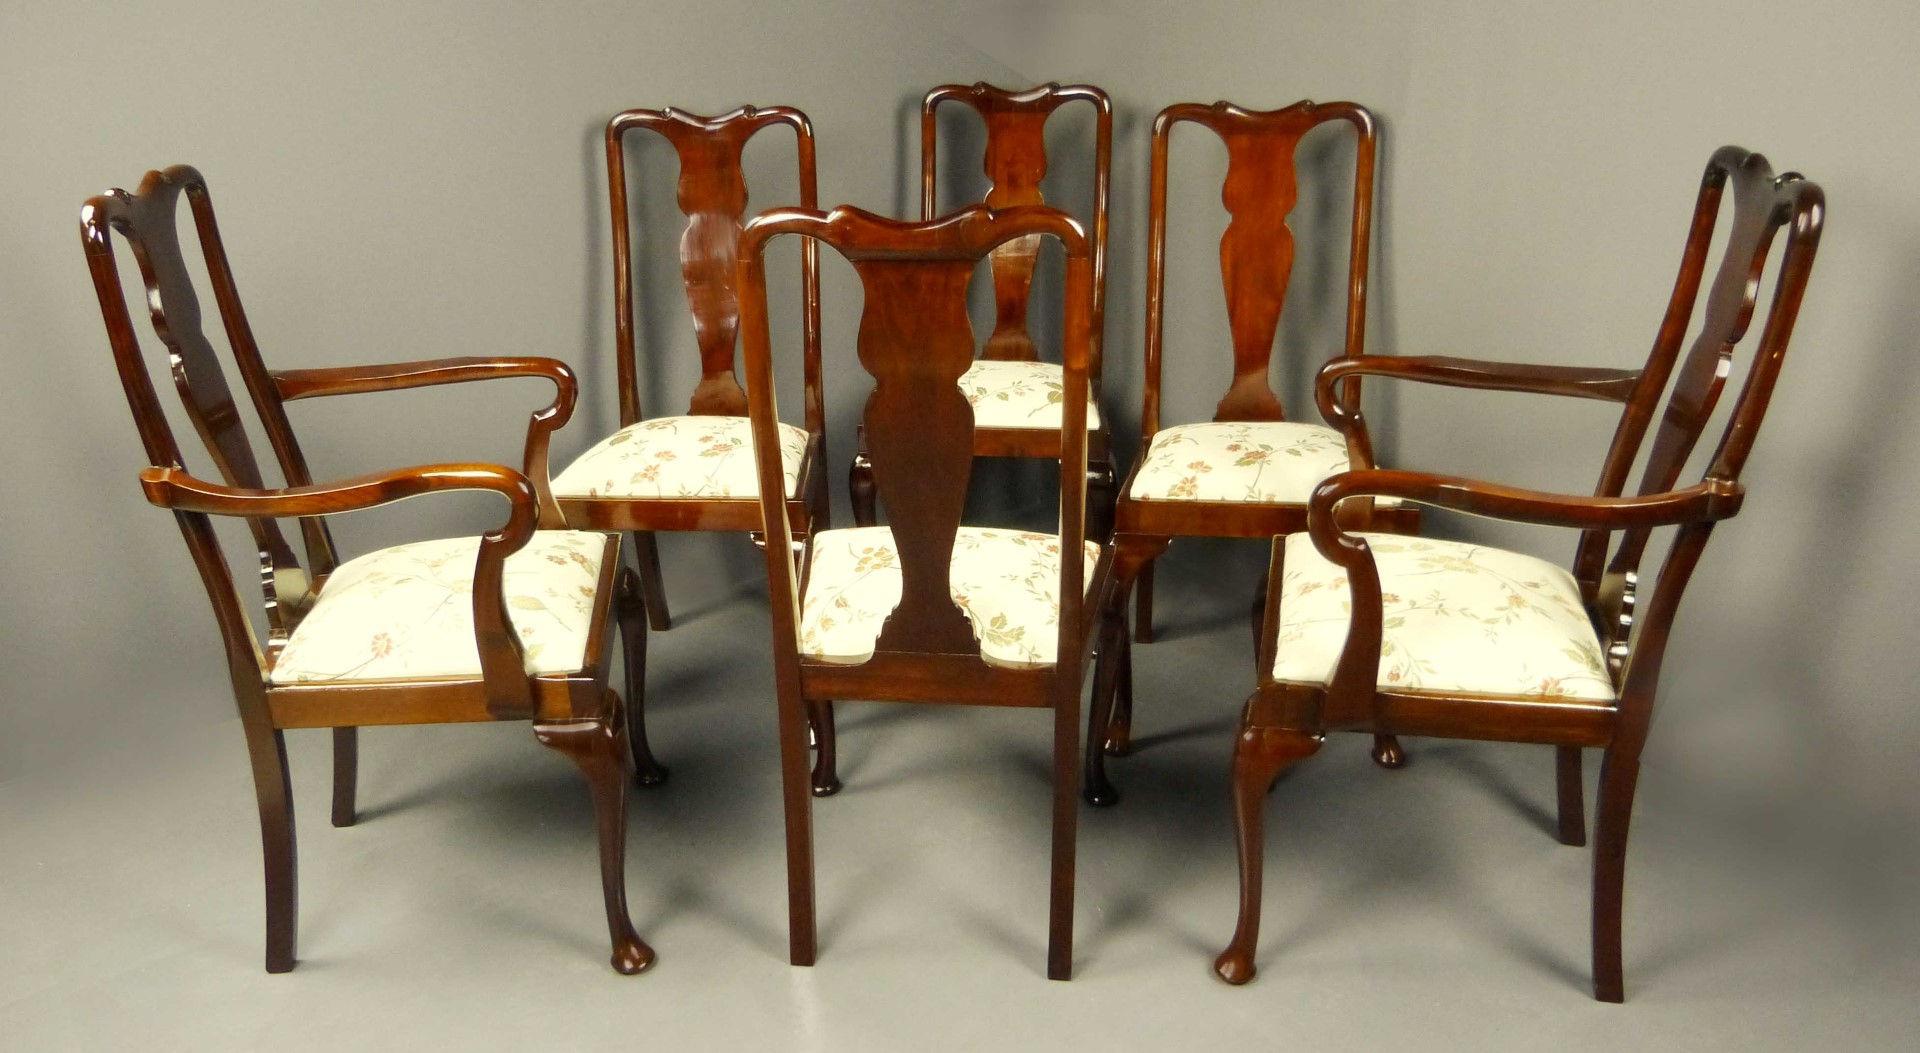 Muebles antiguos de estilo fabricacion sillas sillones - Estilo de muebles antiguos ...